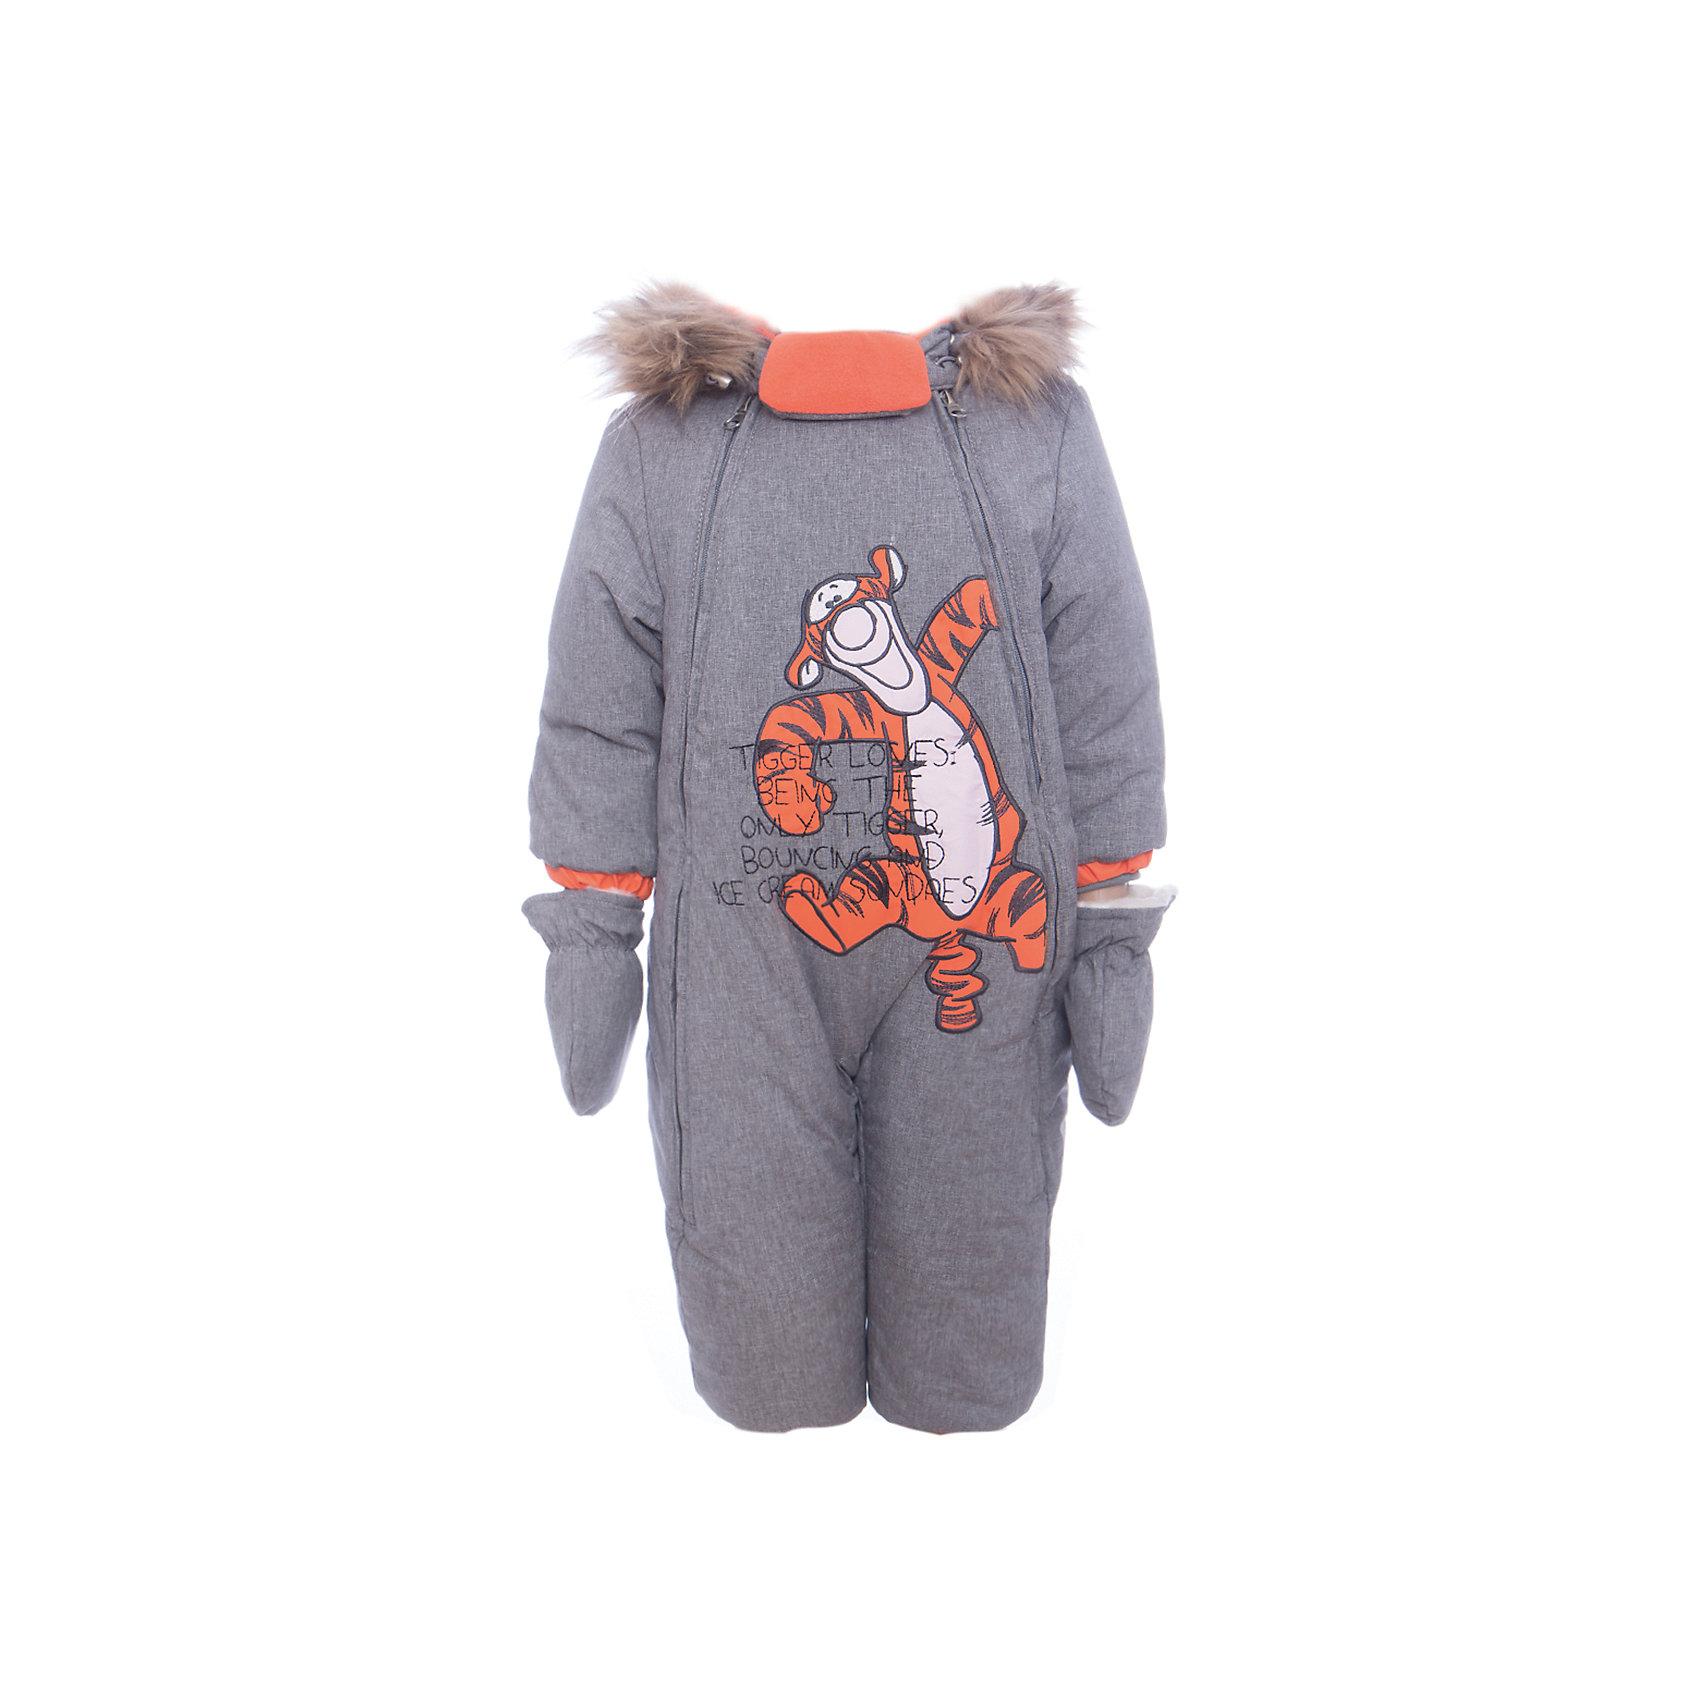 Комбинезон Тигра Batik для мальчикаВерхняя одежда<br>Комбинезон Тигра Batik для мальчика<br>Верхняя ткань обладает водоотталкивающими и ветрозащитными свойствами мембраны. Комбинезон имеет 2 молнии по бокам, утягивающую резинку на талии спинки. Капюшон на молнии с съемной опушкой. На ножках силиконовые штрипки.<br>Состав:<br>Ткань верха - TWILL;  Утеплитель - Шелтер 260, овчина;  Подкладка - Полар флис;<br><br>Ширина мм: 356<br>Глубина мм: 10<br>Высота мм: 245<br>Вес г: 519<br>Цвет: серый<br>Возраст от месяцев: 12<br>Возраст до месяцев: 18<br>Пол: Мужской<br>Возраст: Детский<br>Размер: 86,74,80<br>SKU: 7028273